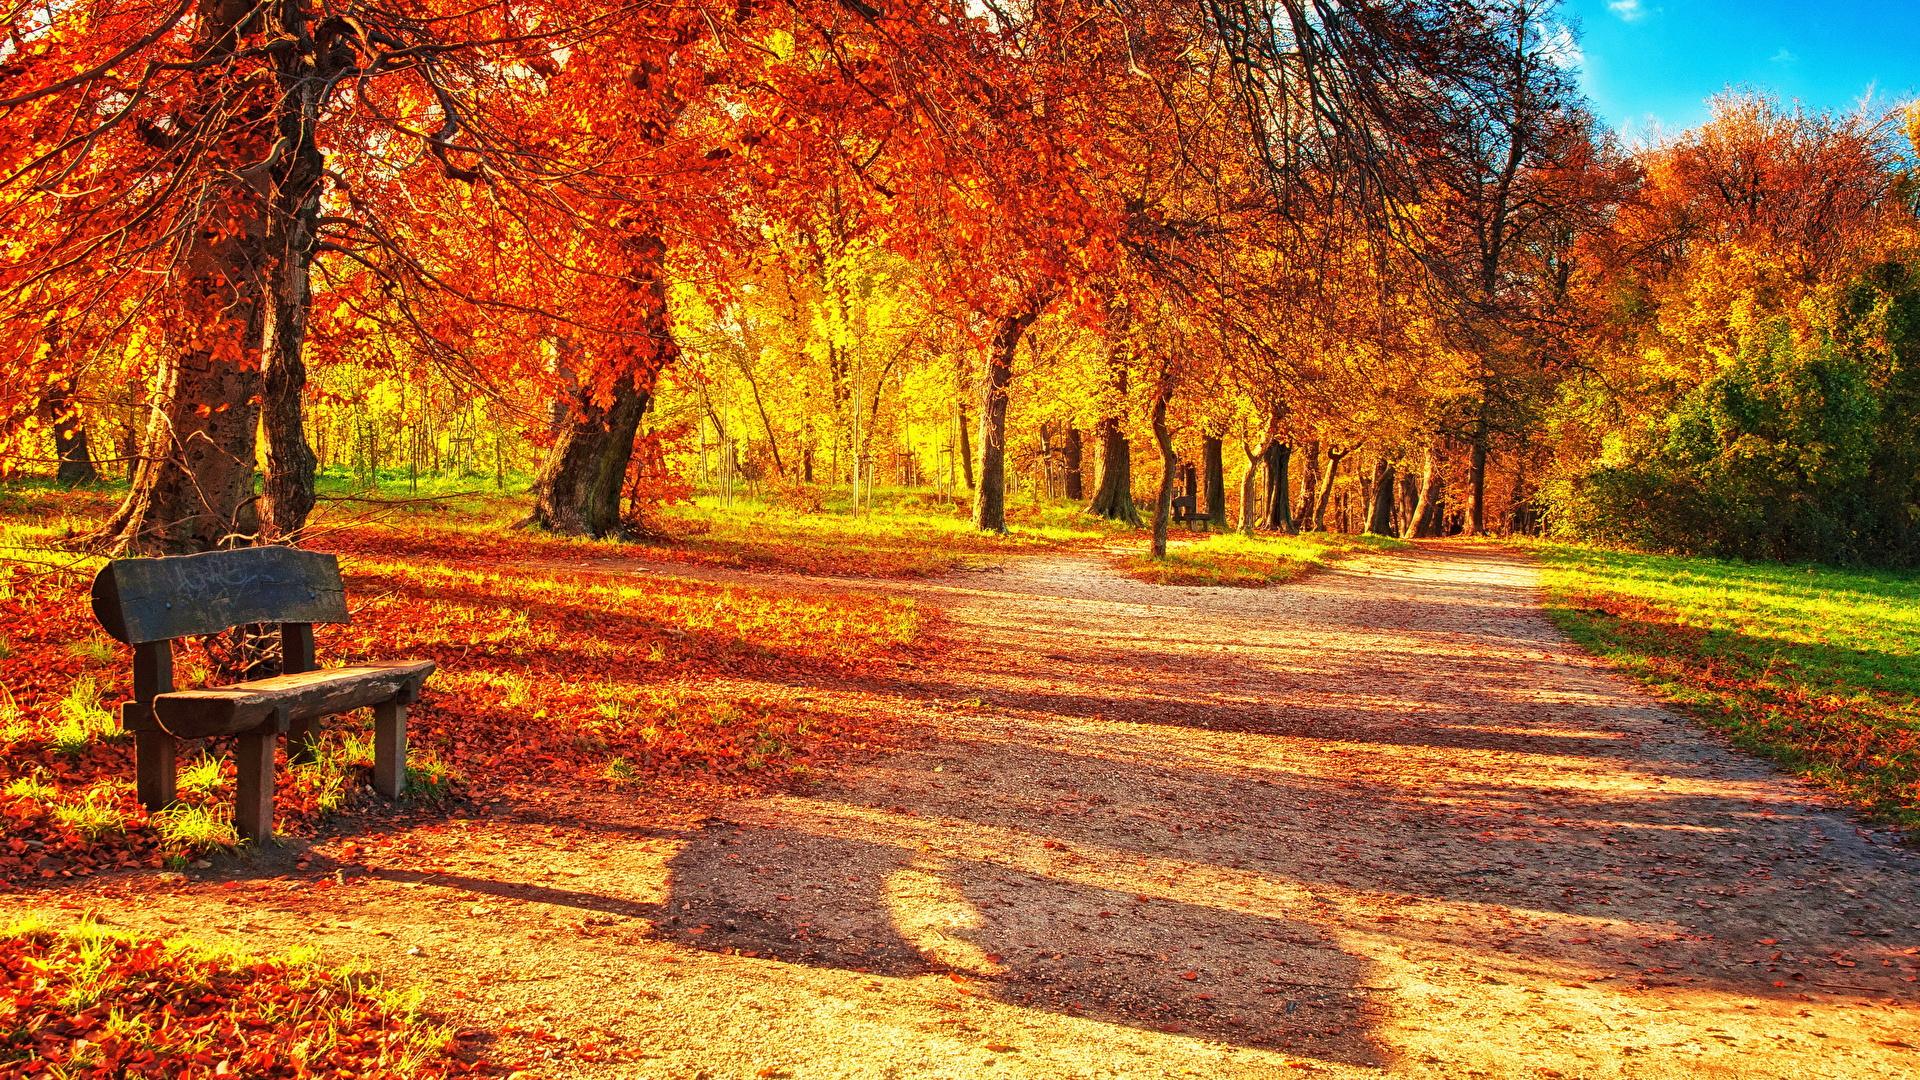 壁紙 19x1080 季節 秋 公園 木の葉 ベンチ 自然 ダウンロード 写真